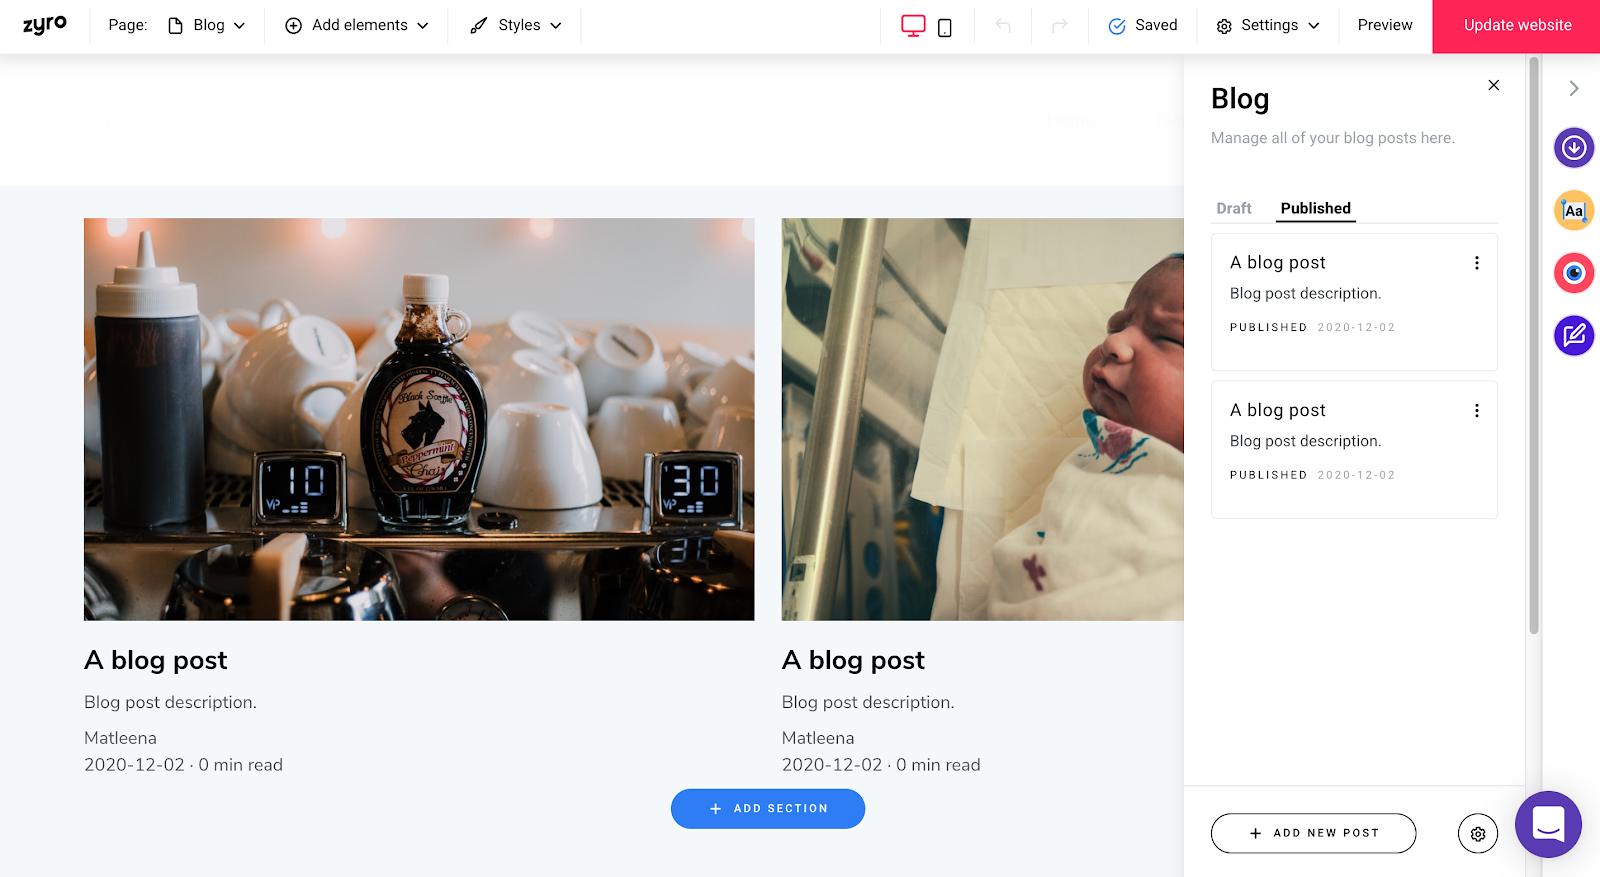 Zyro blog landing page